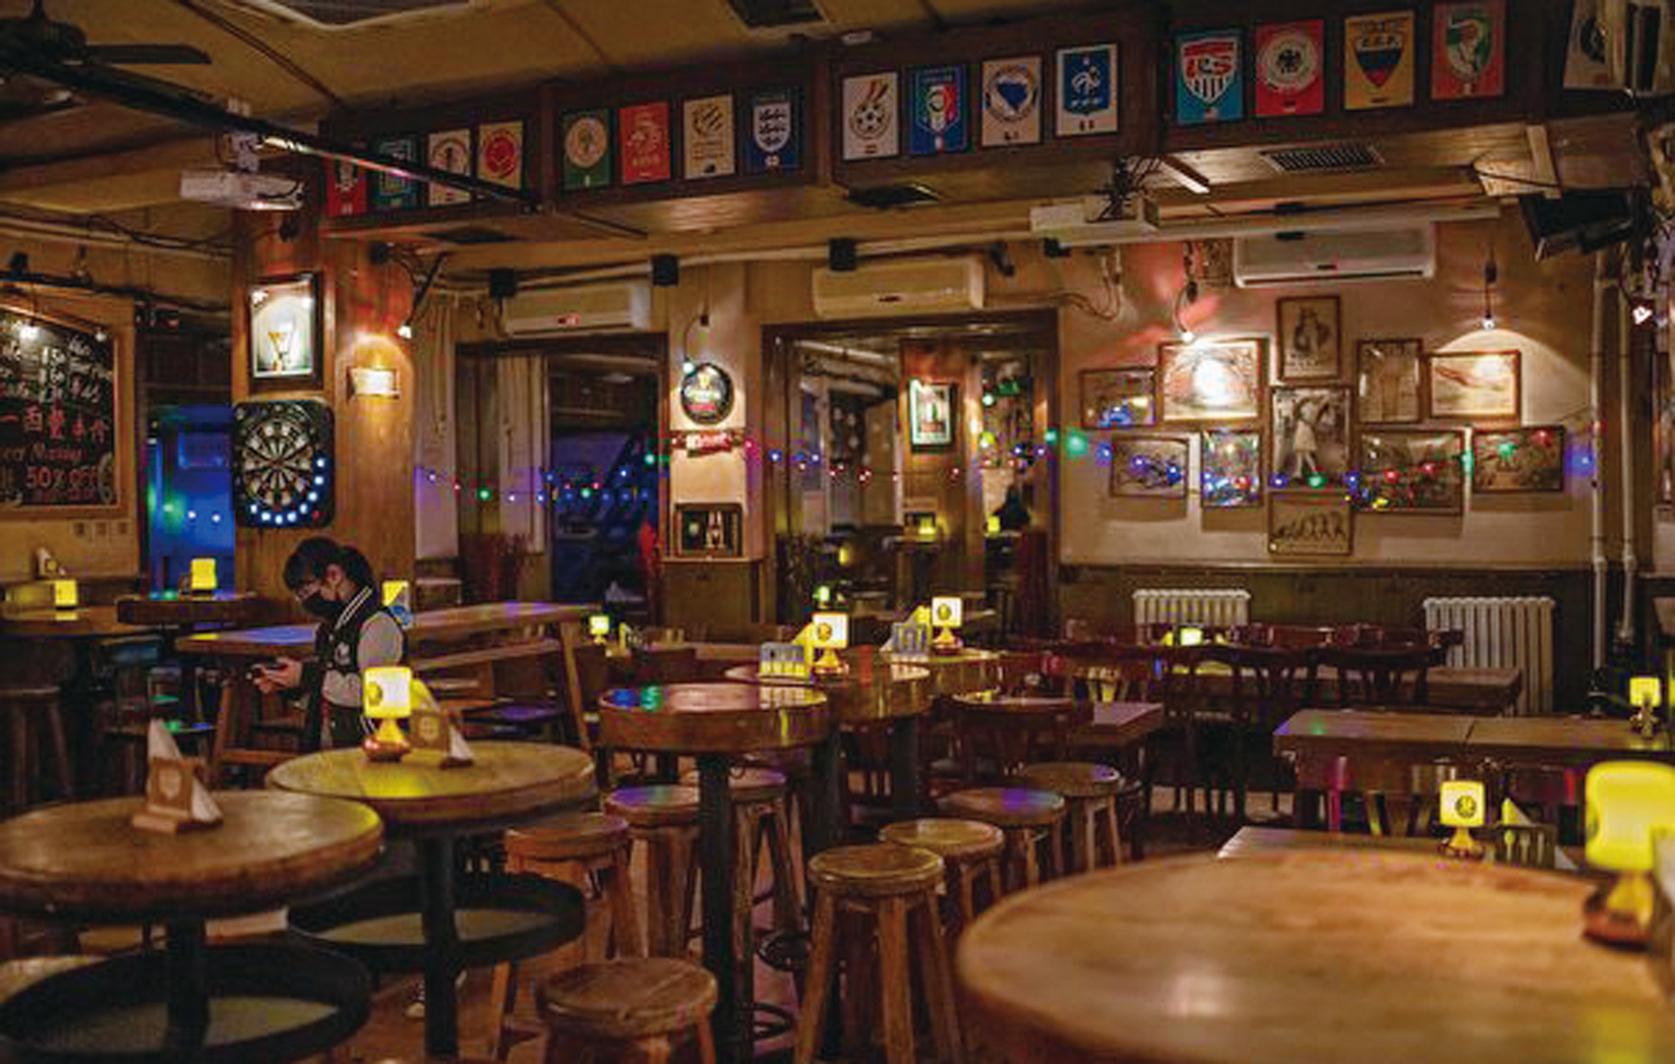 陸知名潮汕牛肉火鍋店「八合里海記」大年初二關掉廣州等132家門店。圖為1月29日,北京一家餐館冷冷清清。(Getty Images)